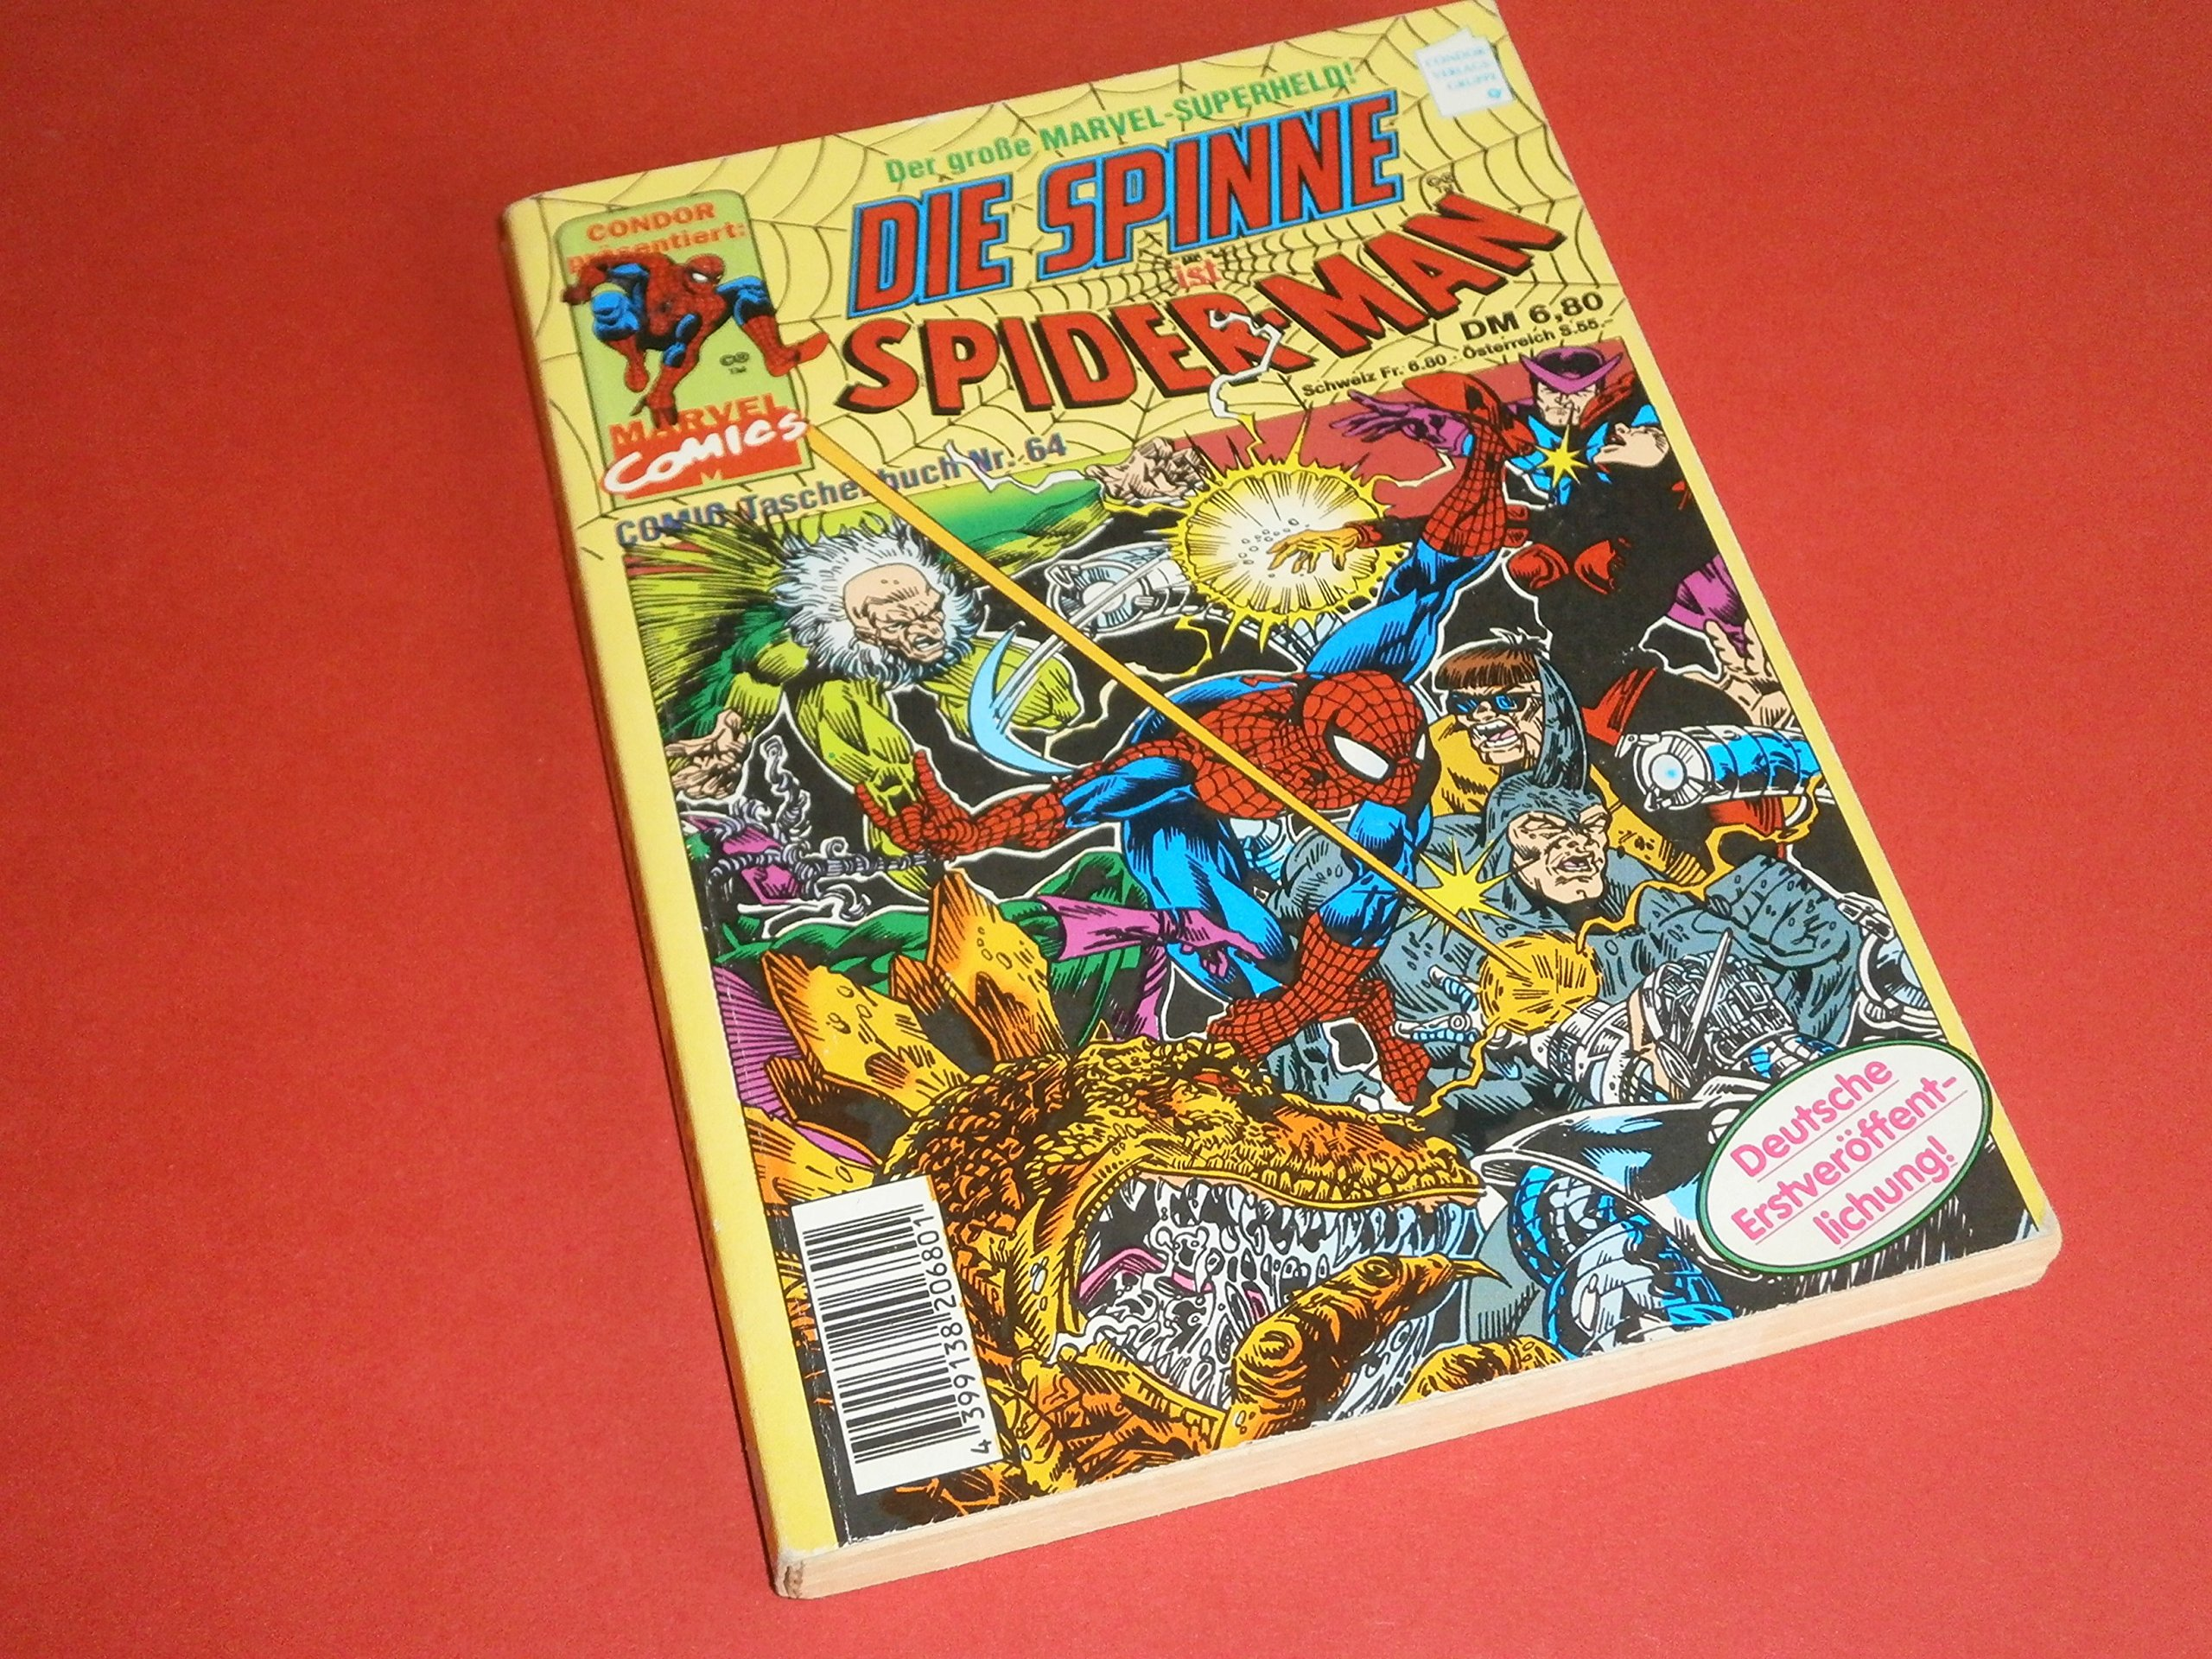 Die Spinne. Spiderman. ( Spider-Man - Marvel Comics )